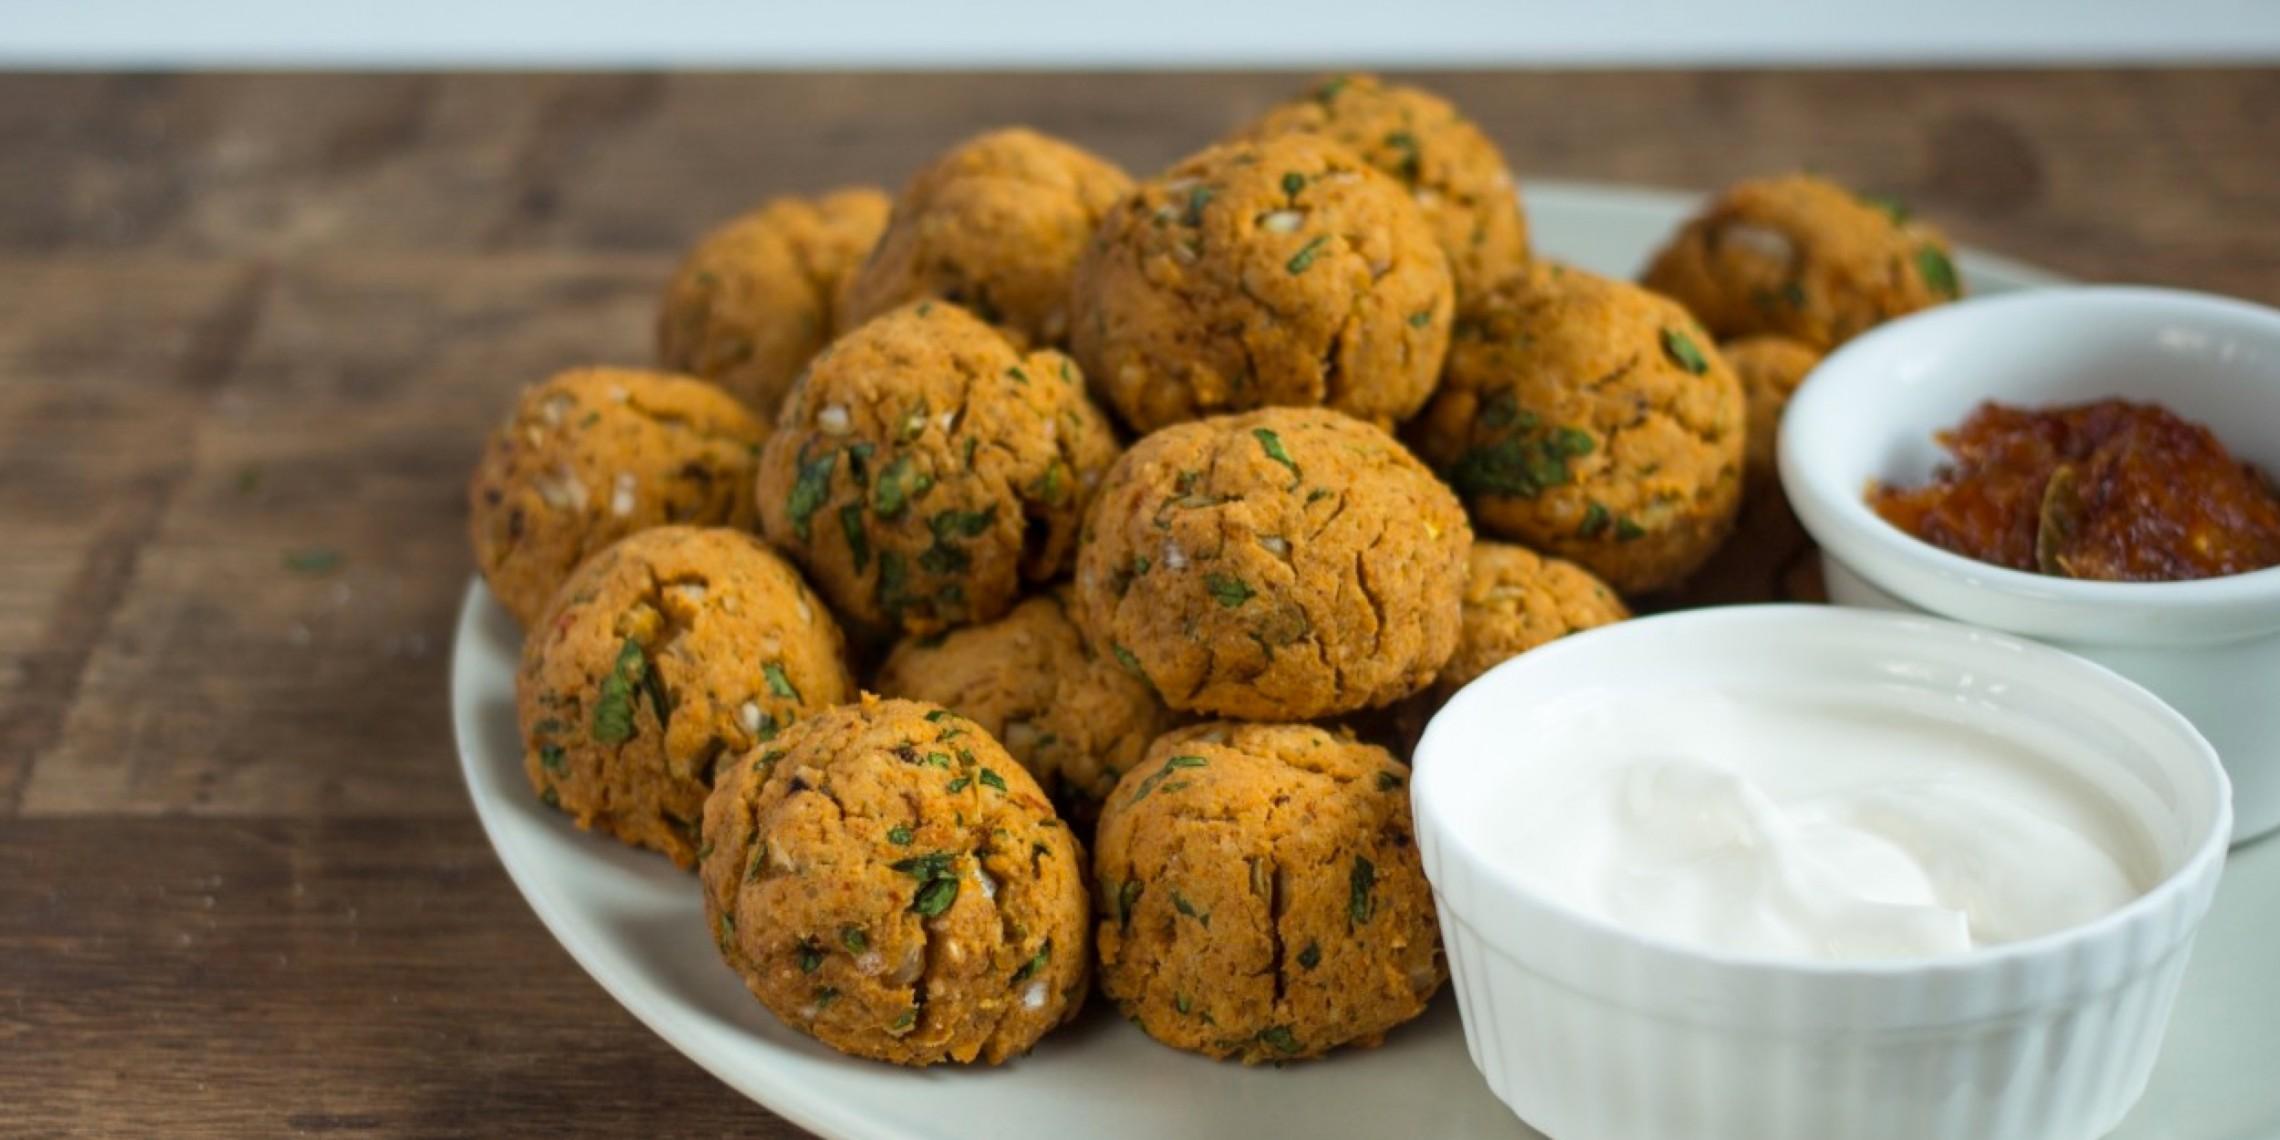 Pictures of falafel balls Image Resizer - Rduire la taille de photos - Comment a Marche